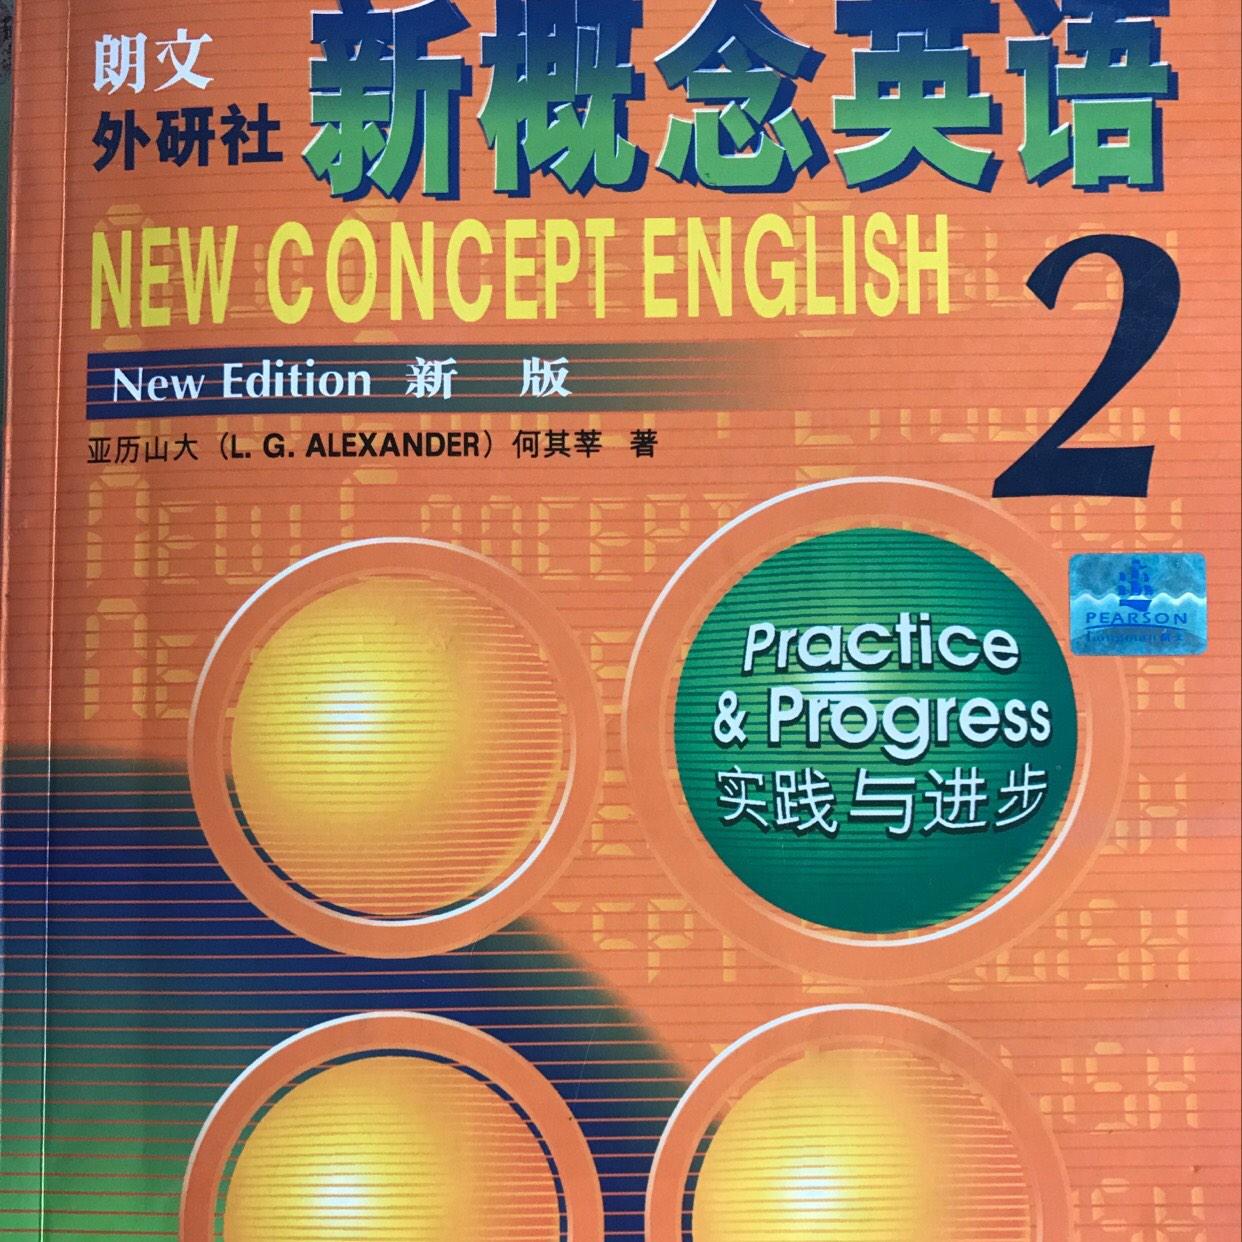 新概念英语第二册 每天半小时